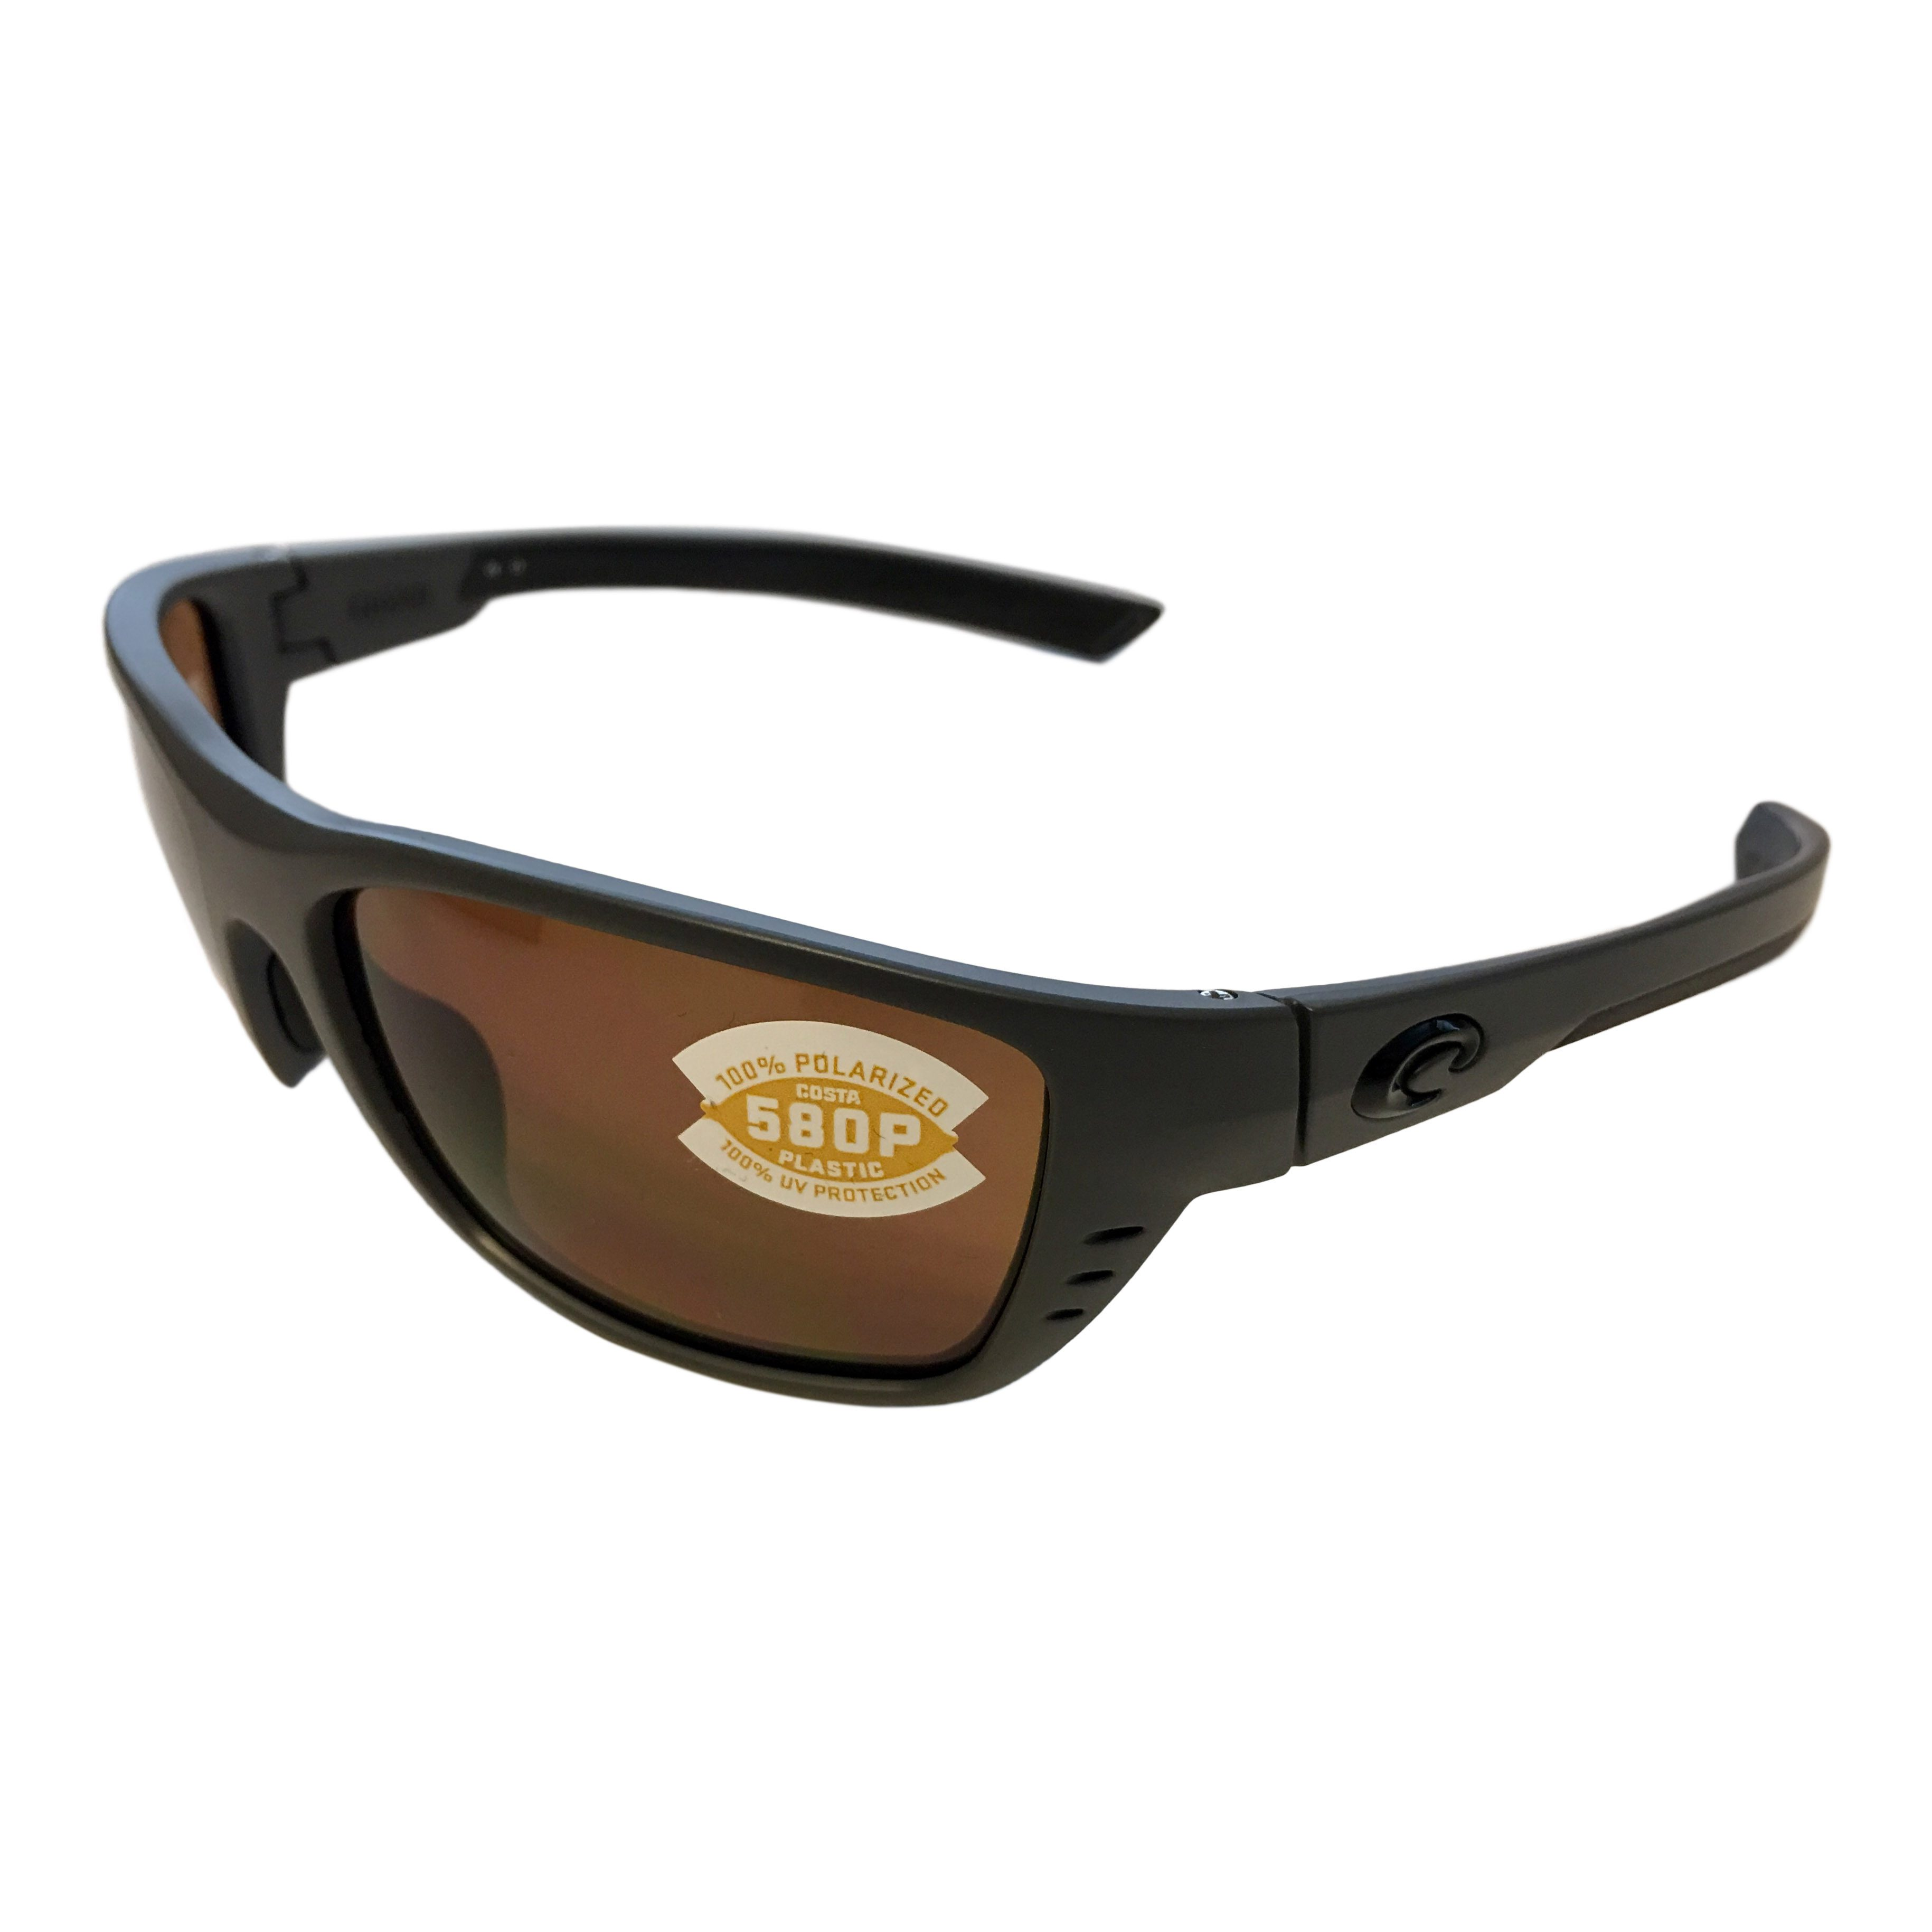 902b3d1724a48 Costa Del Mar Whitetip Sunglasses - Matte Gray - POLARIZED Amber 580P